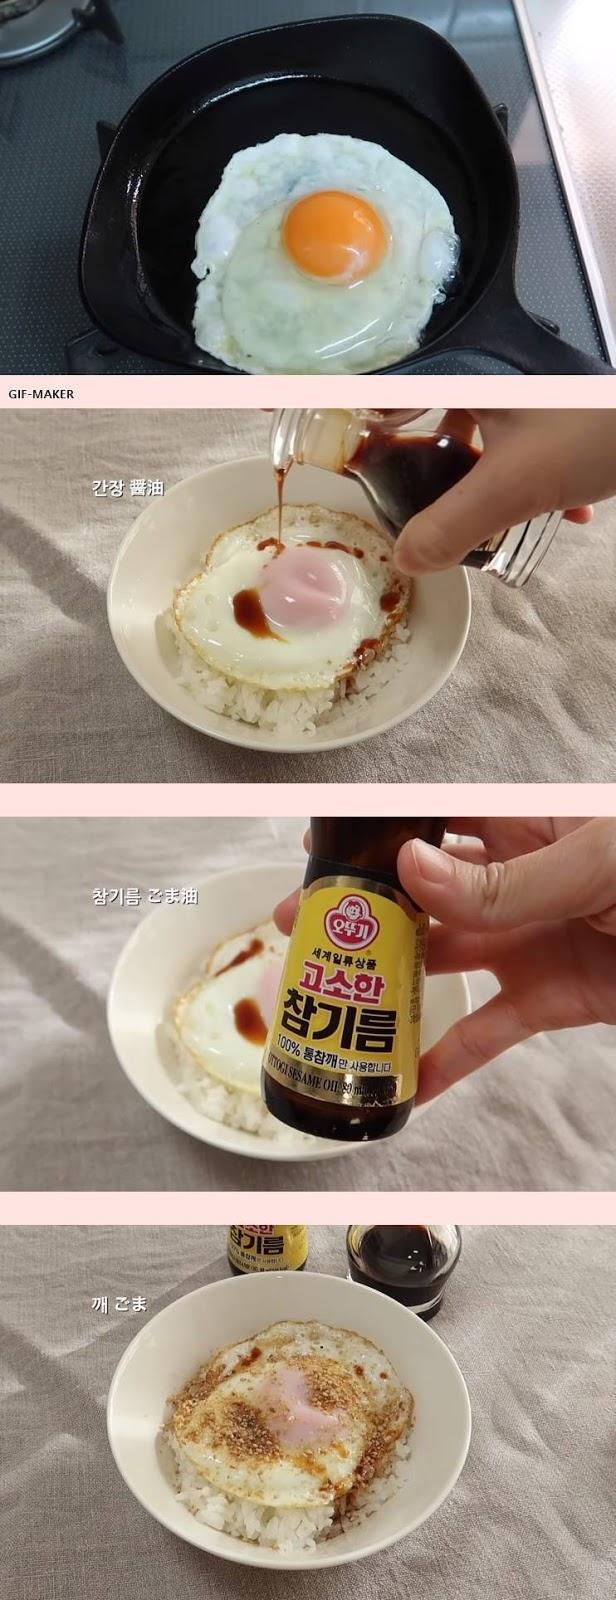 한국식 간장계란밥과 일본식 간장계란밥...jpg | 인스티즈